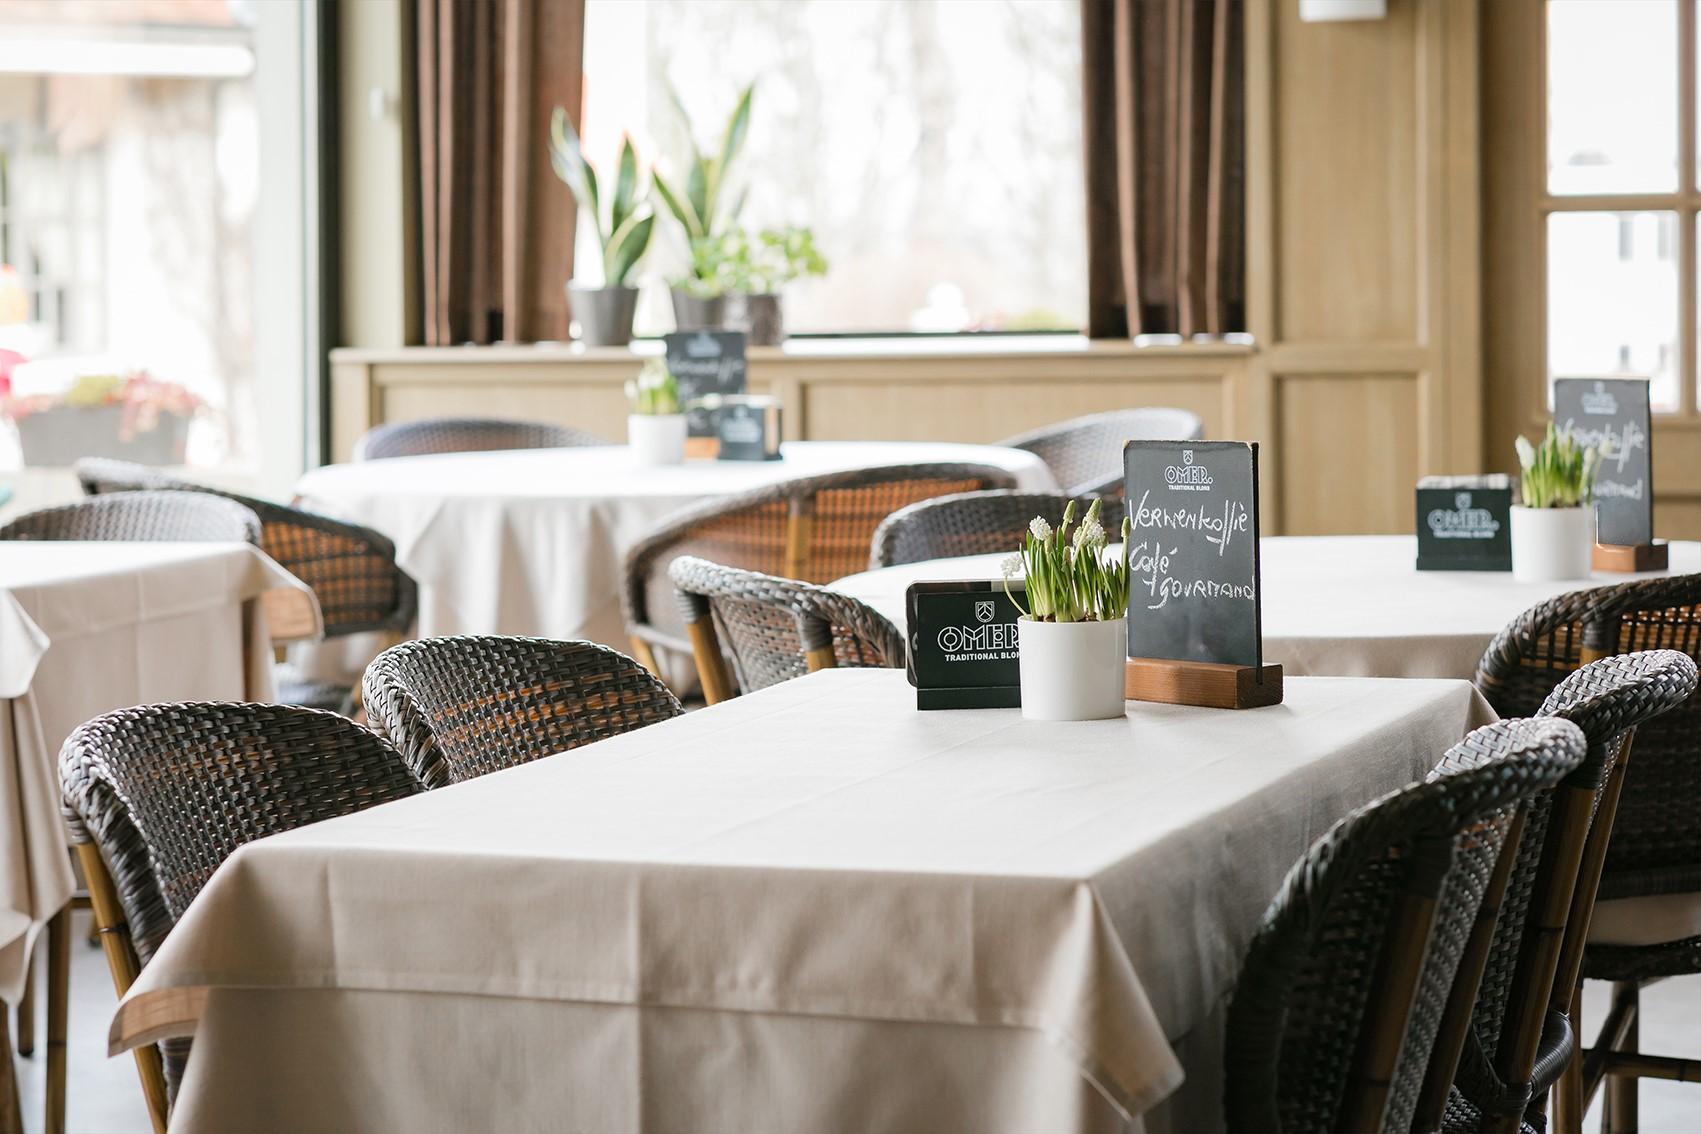 Gasthof Palace Feeszaal Gastronomie Restaurant Tearoom Kluisberg | Salles des fêtes Mont de l'Enclus